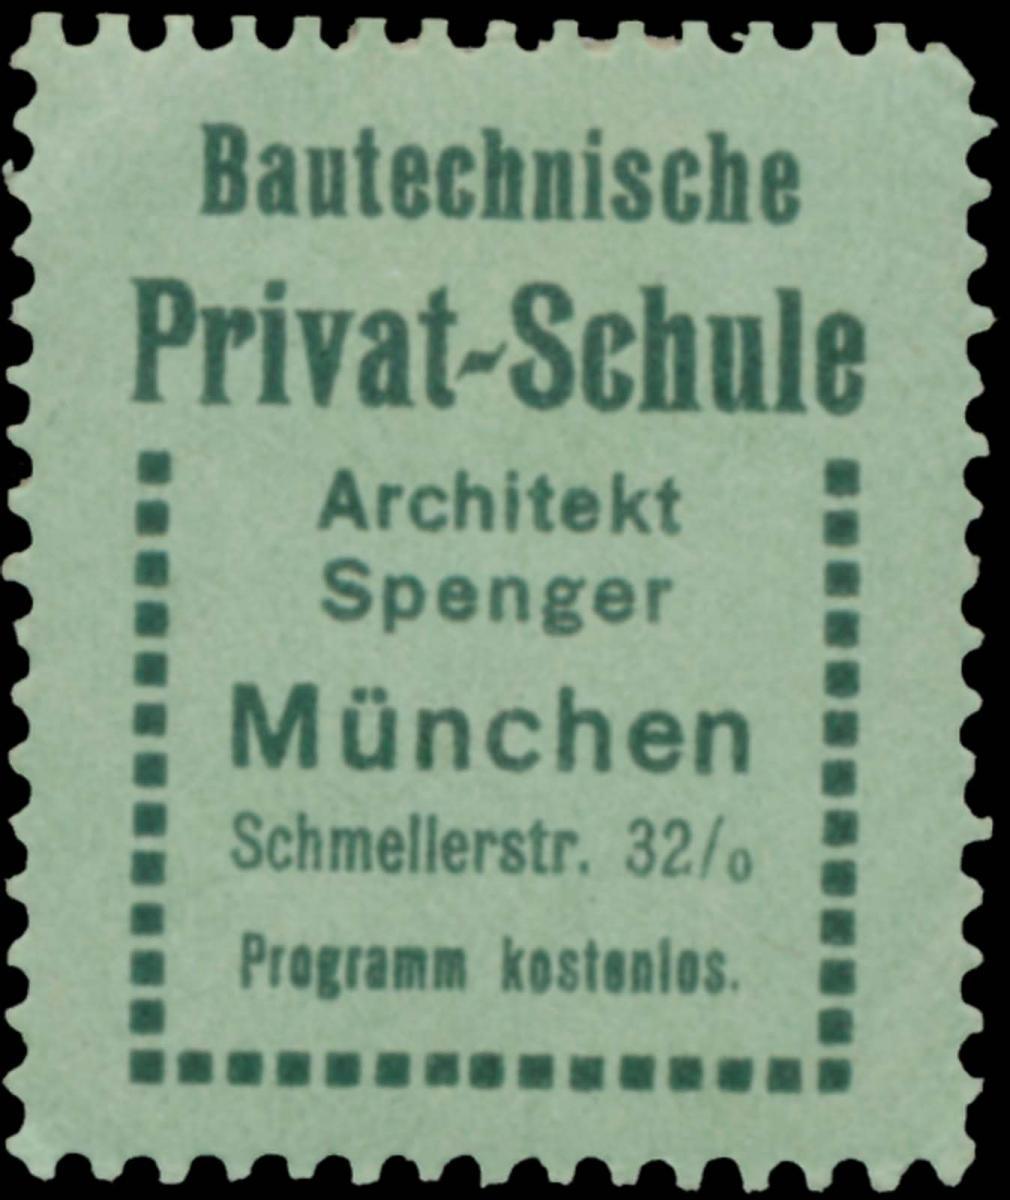 Bautechnische Privatschule